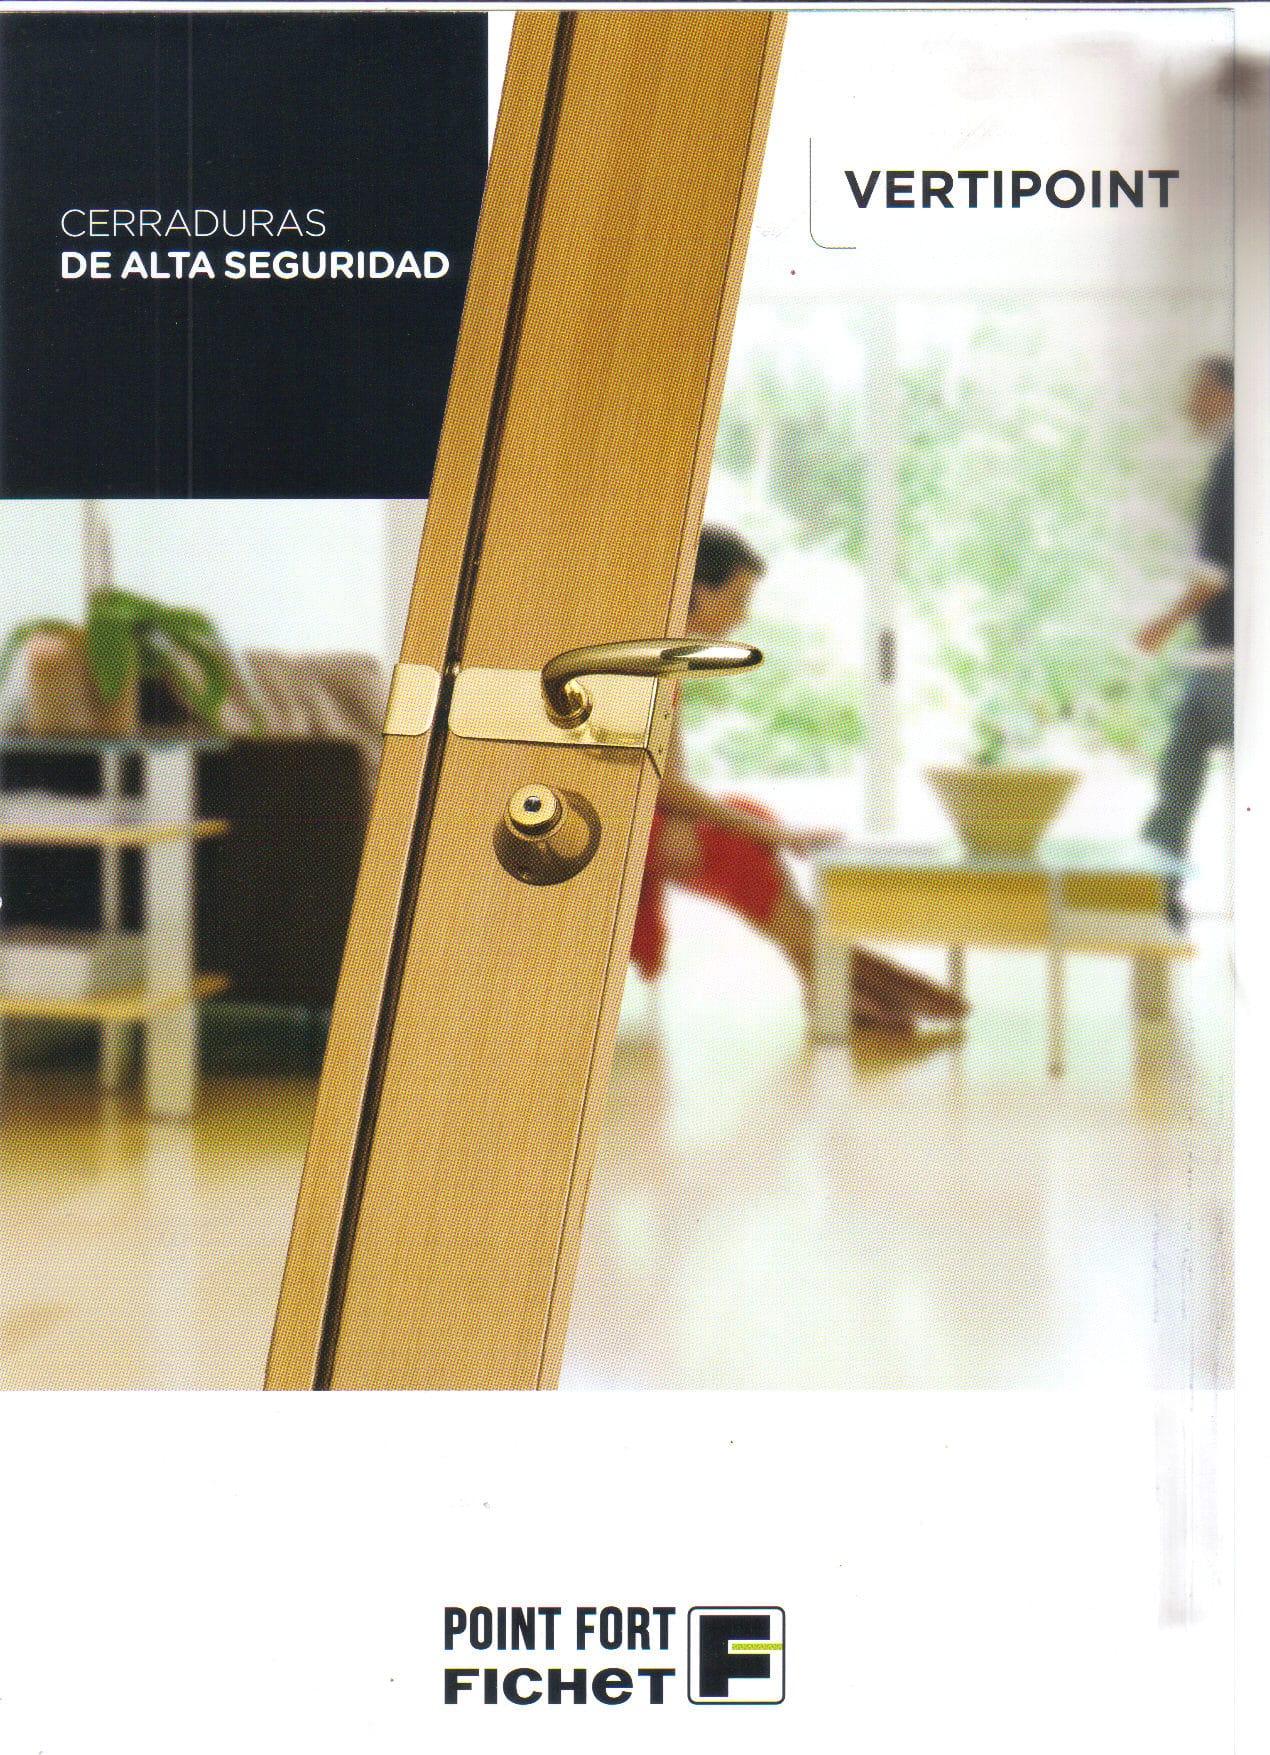 Cerraduras de alta seguridad para puertas - Cerraduras de seguridad ...